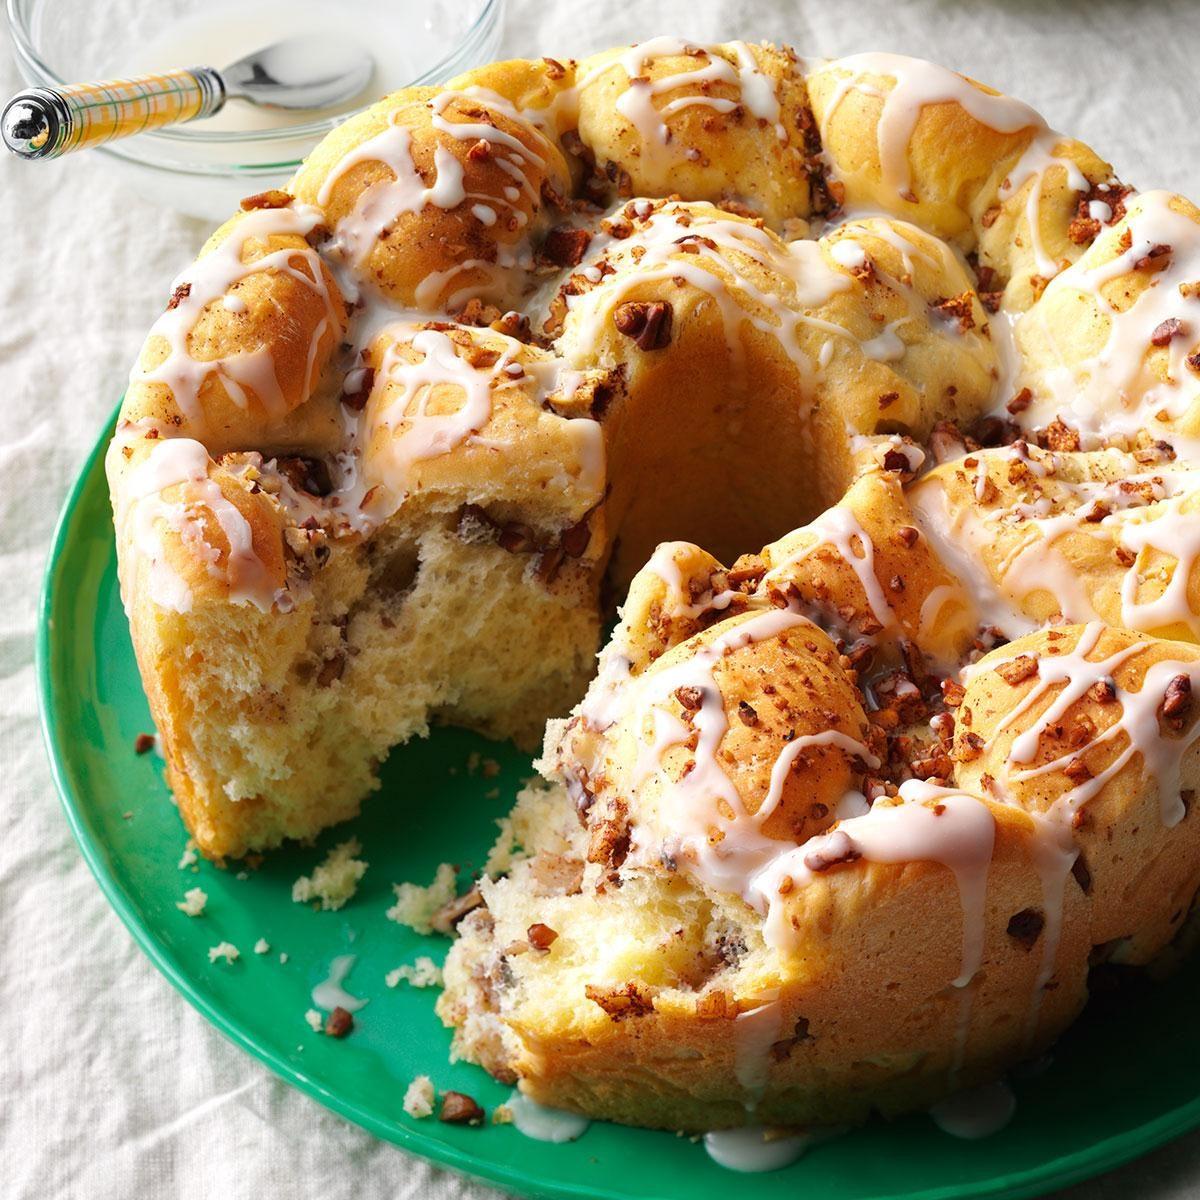 Apple-Cinnamon Pull-Apart Bread